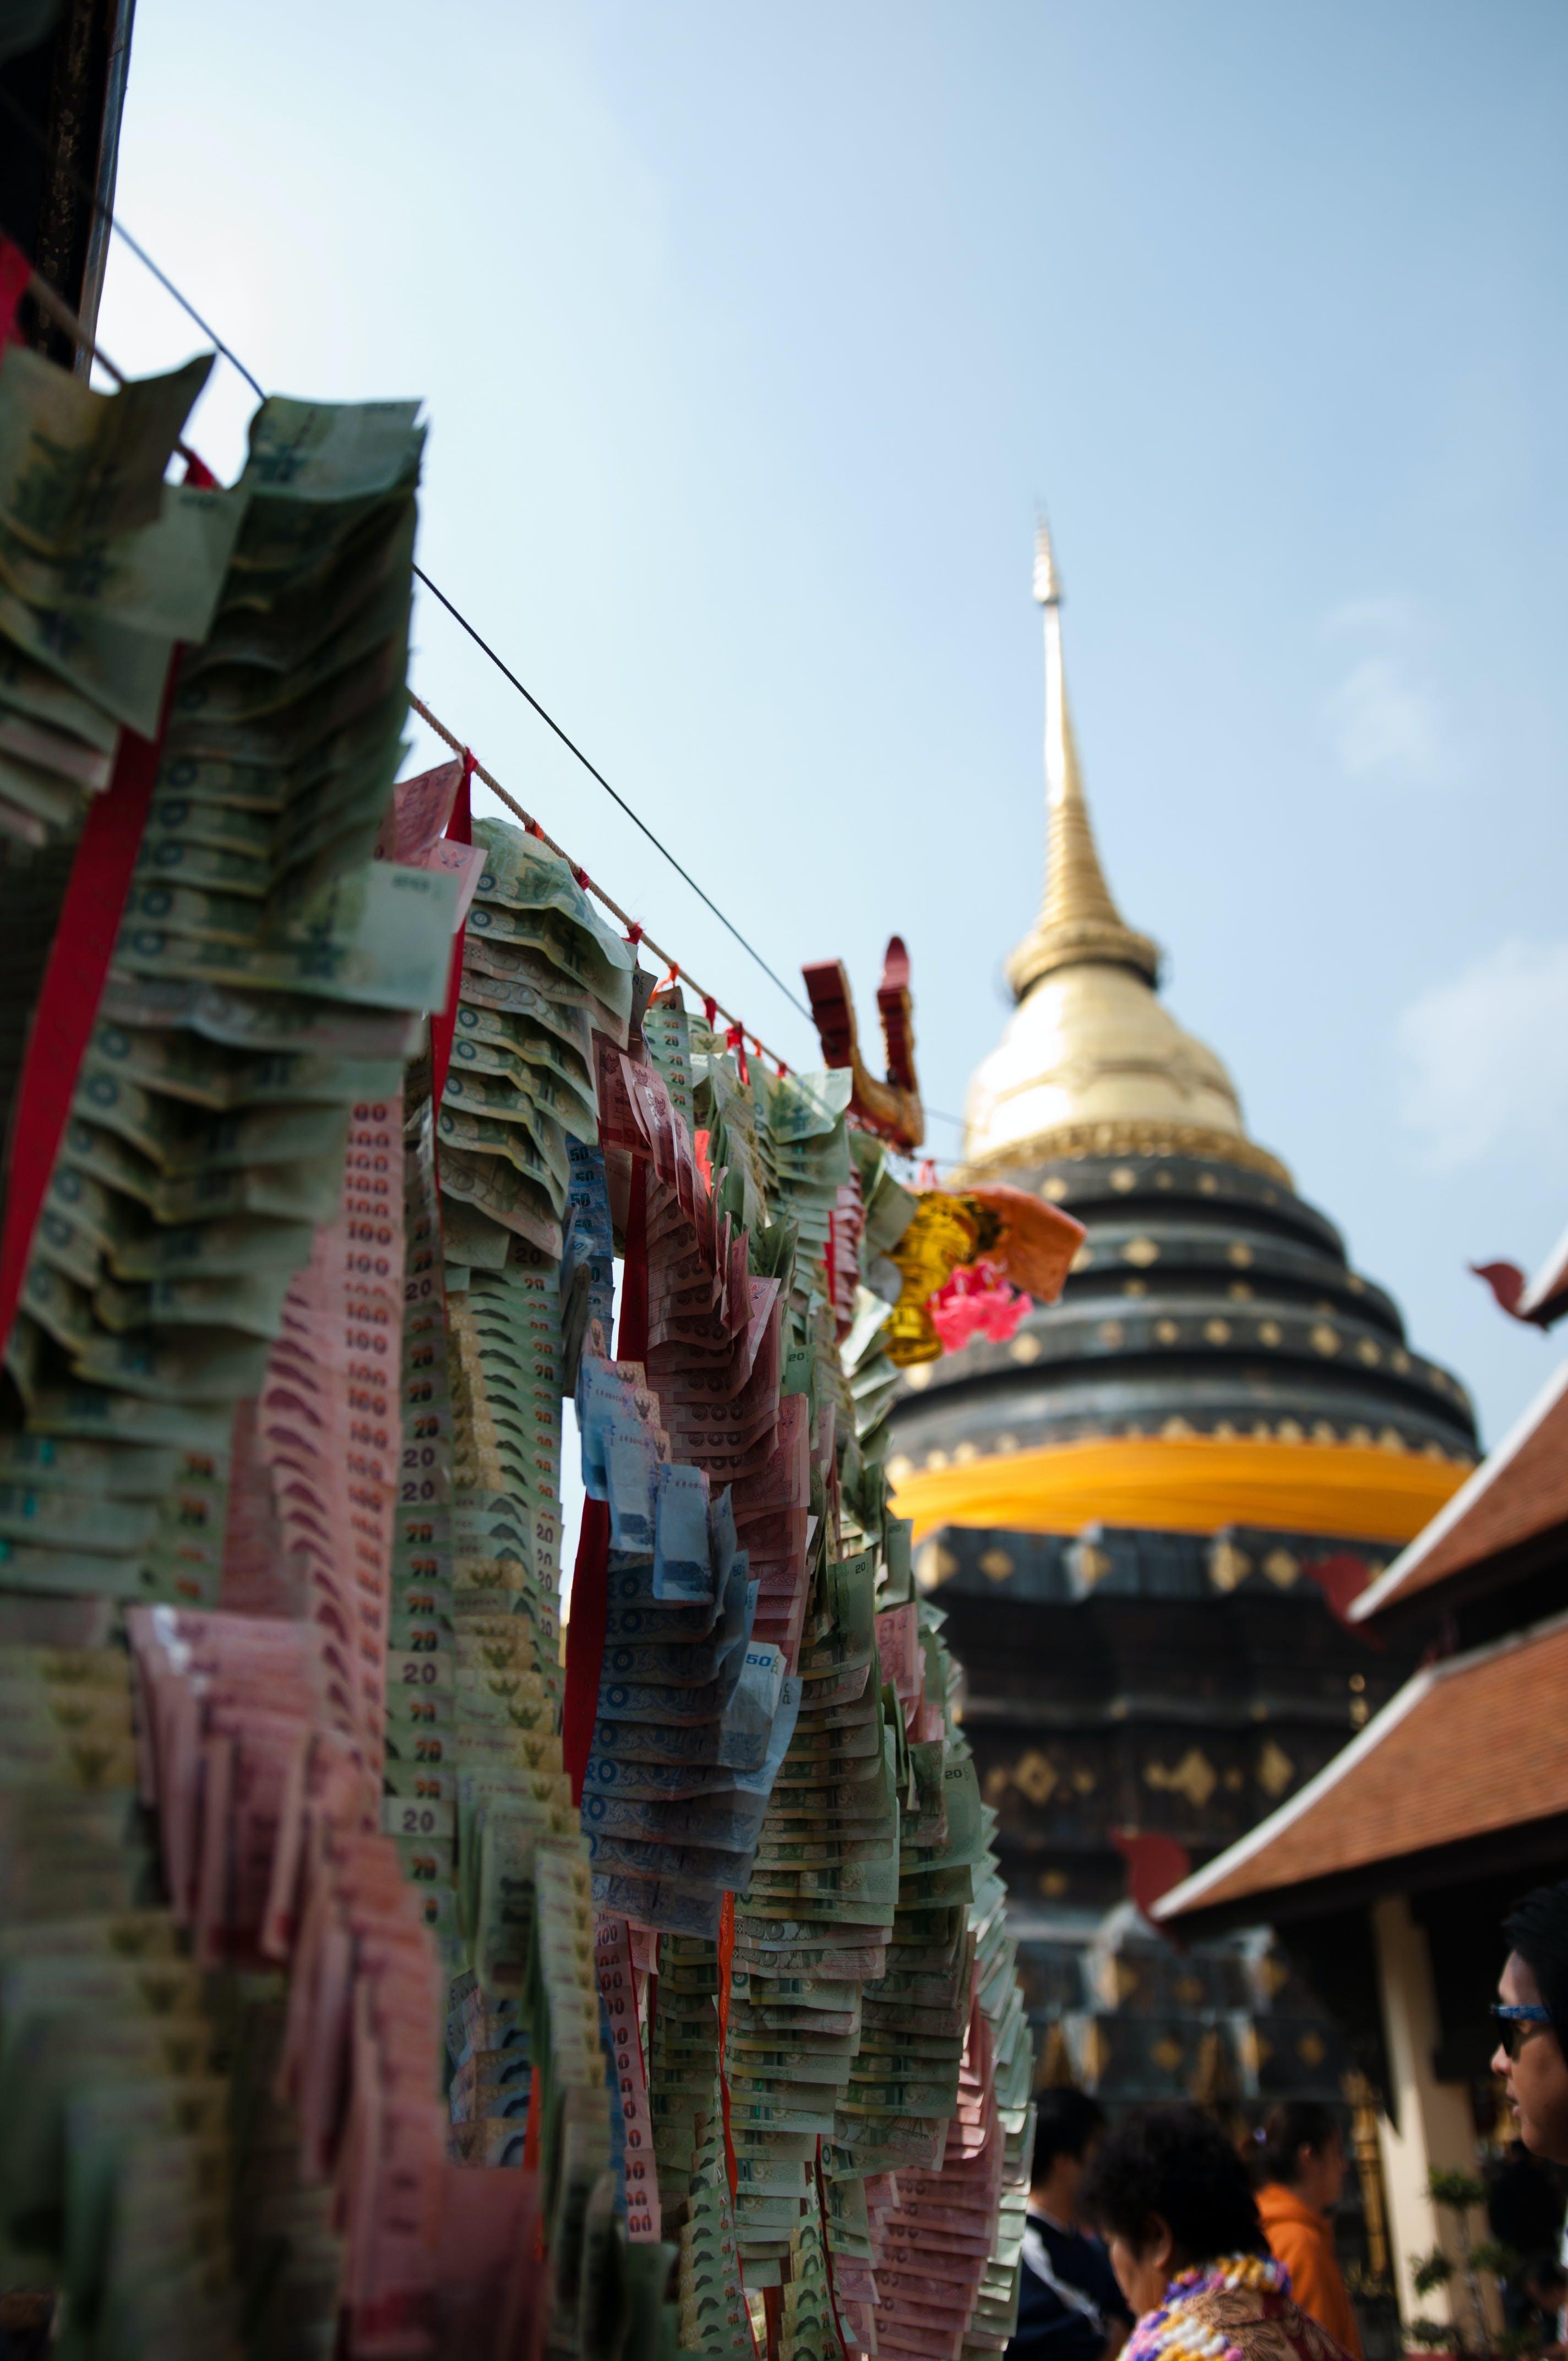 Free stock photo of Wat PrathatLampangLuang